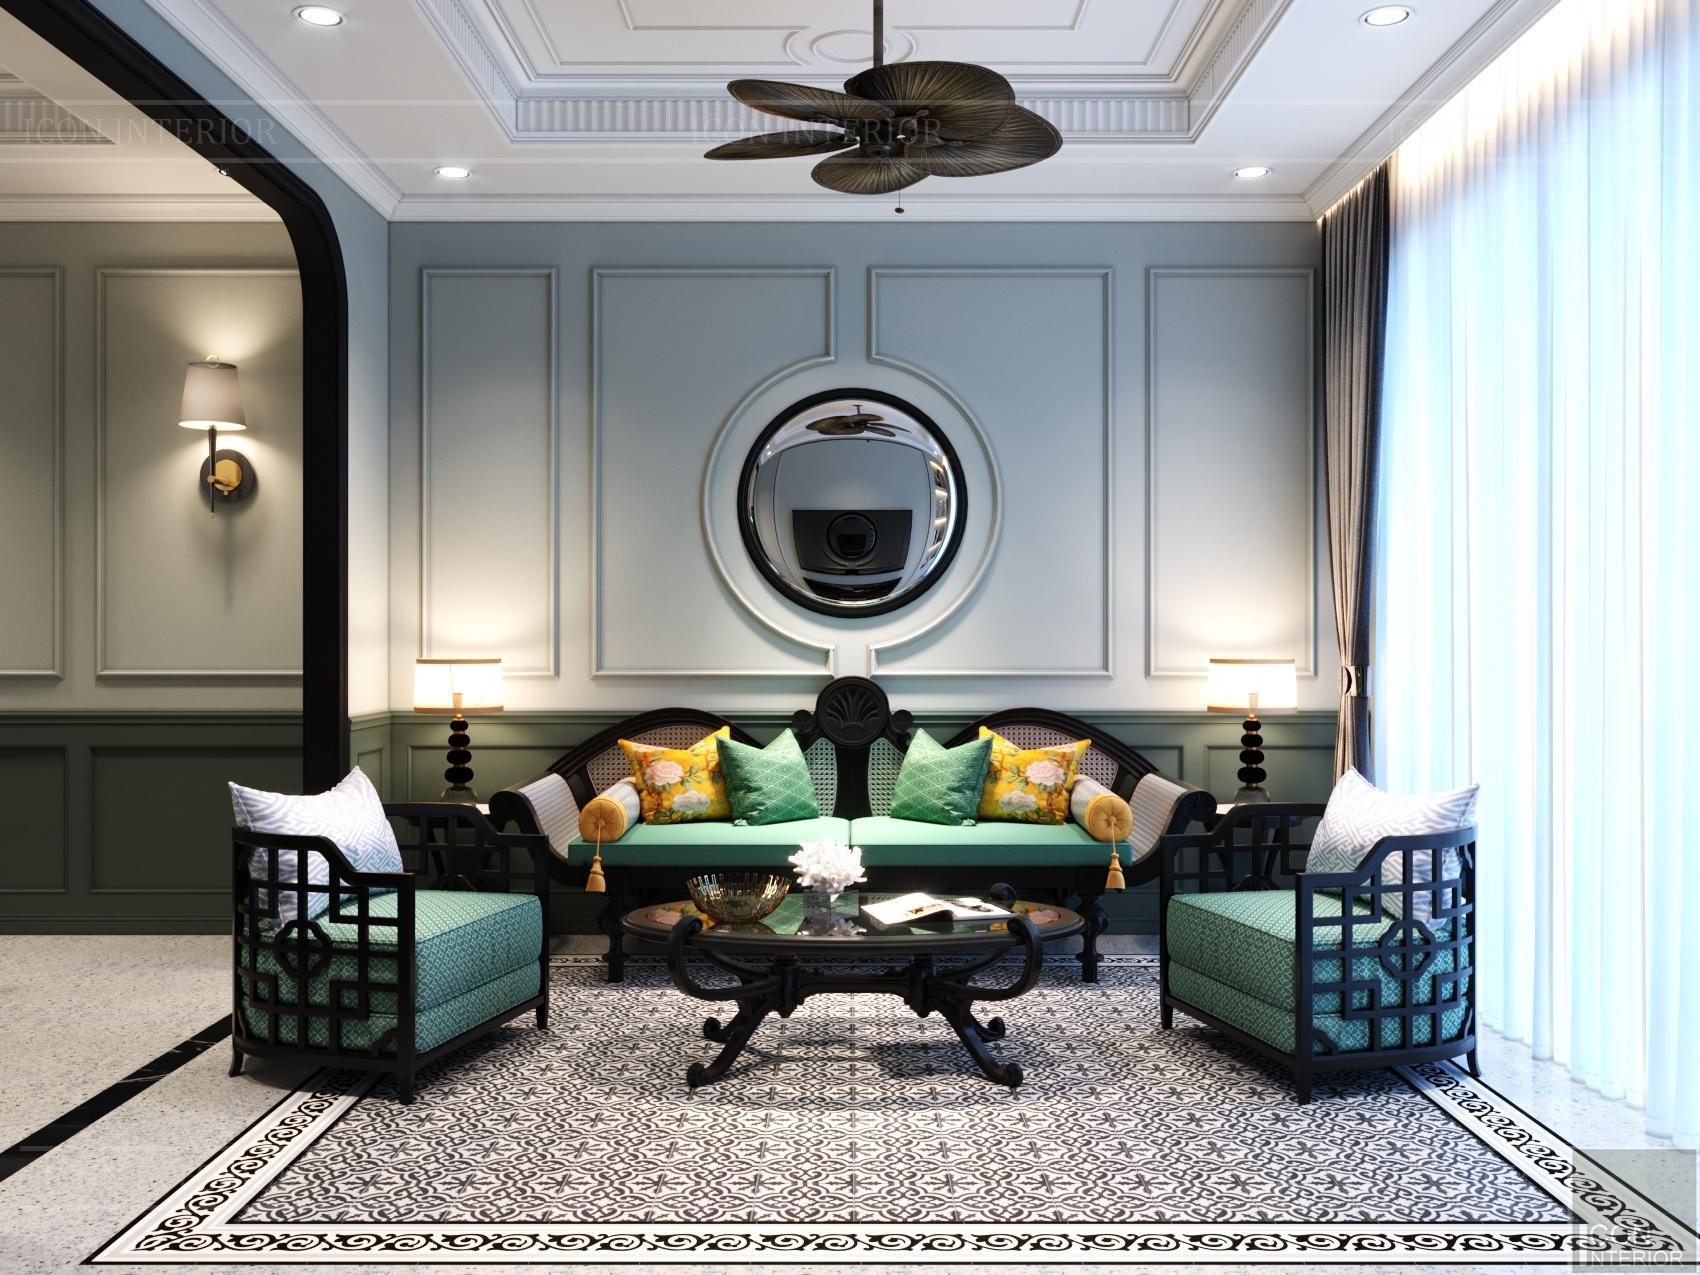 Thiết kế nội thất nhà phố đẹp theo phong cách Đông Dương đẹp